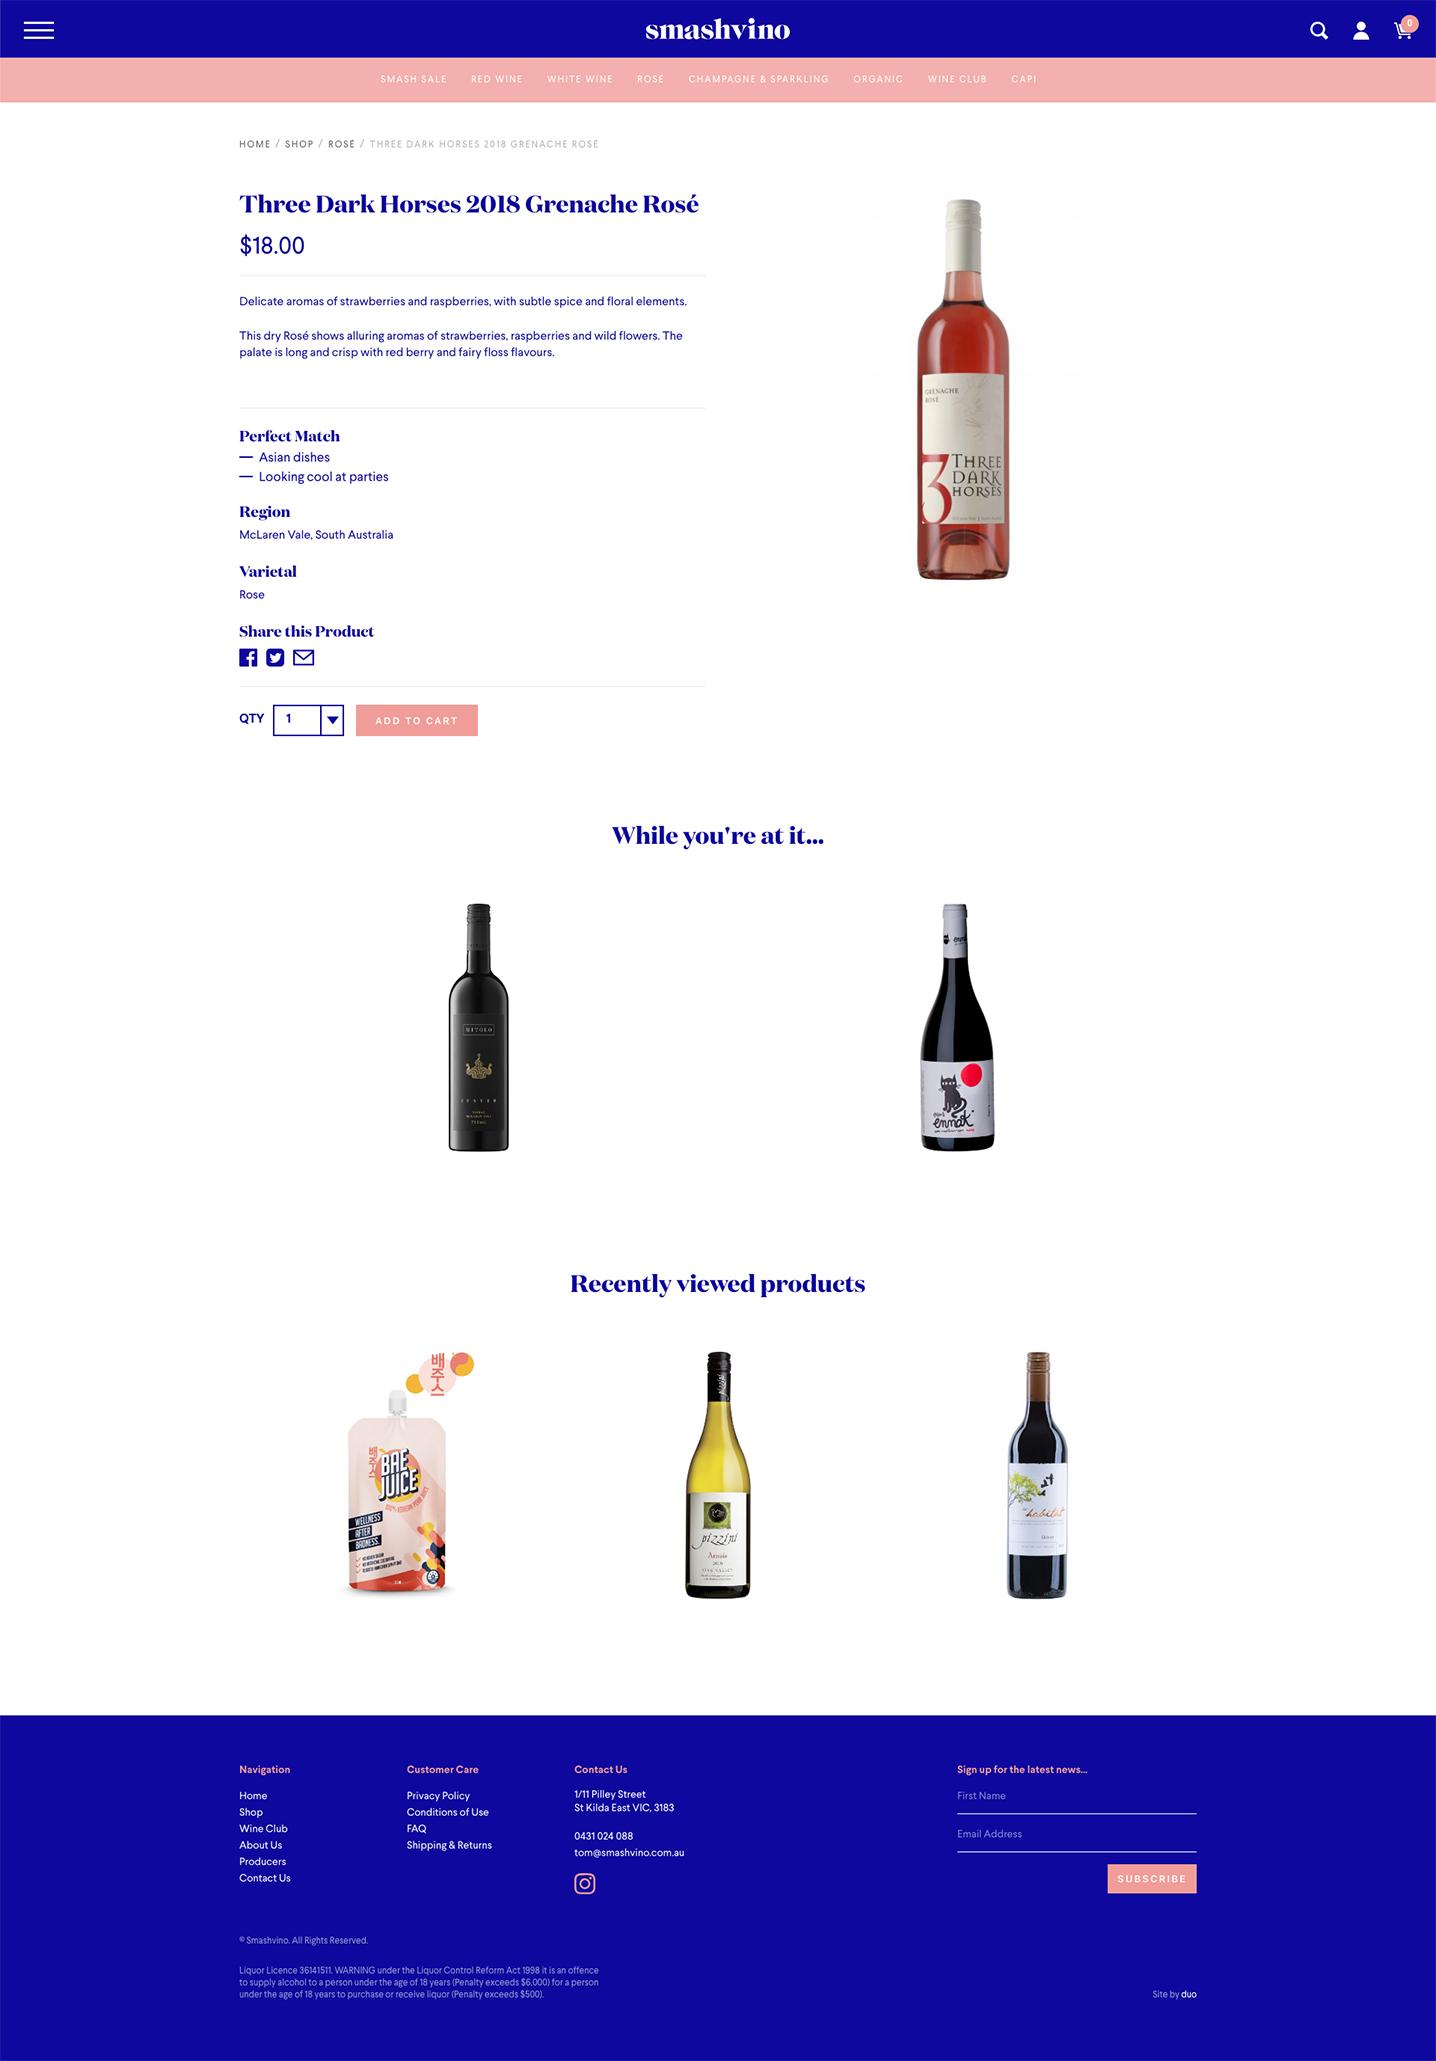 Smash Vino - Product Page